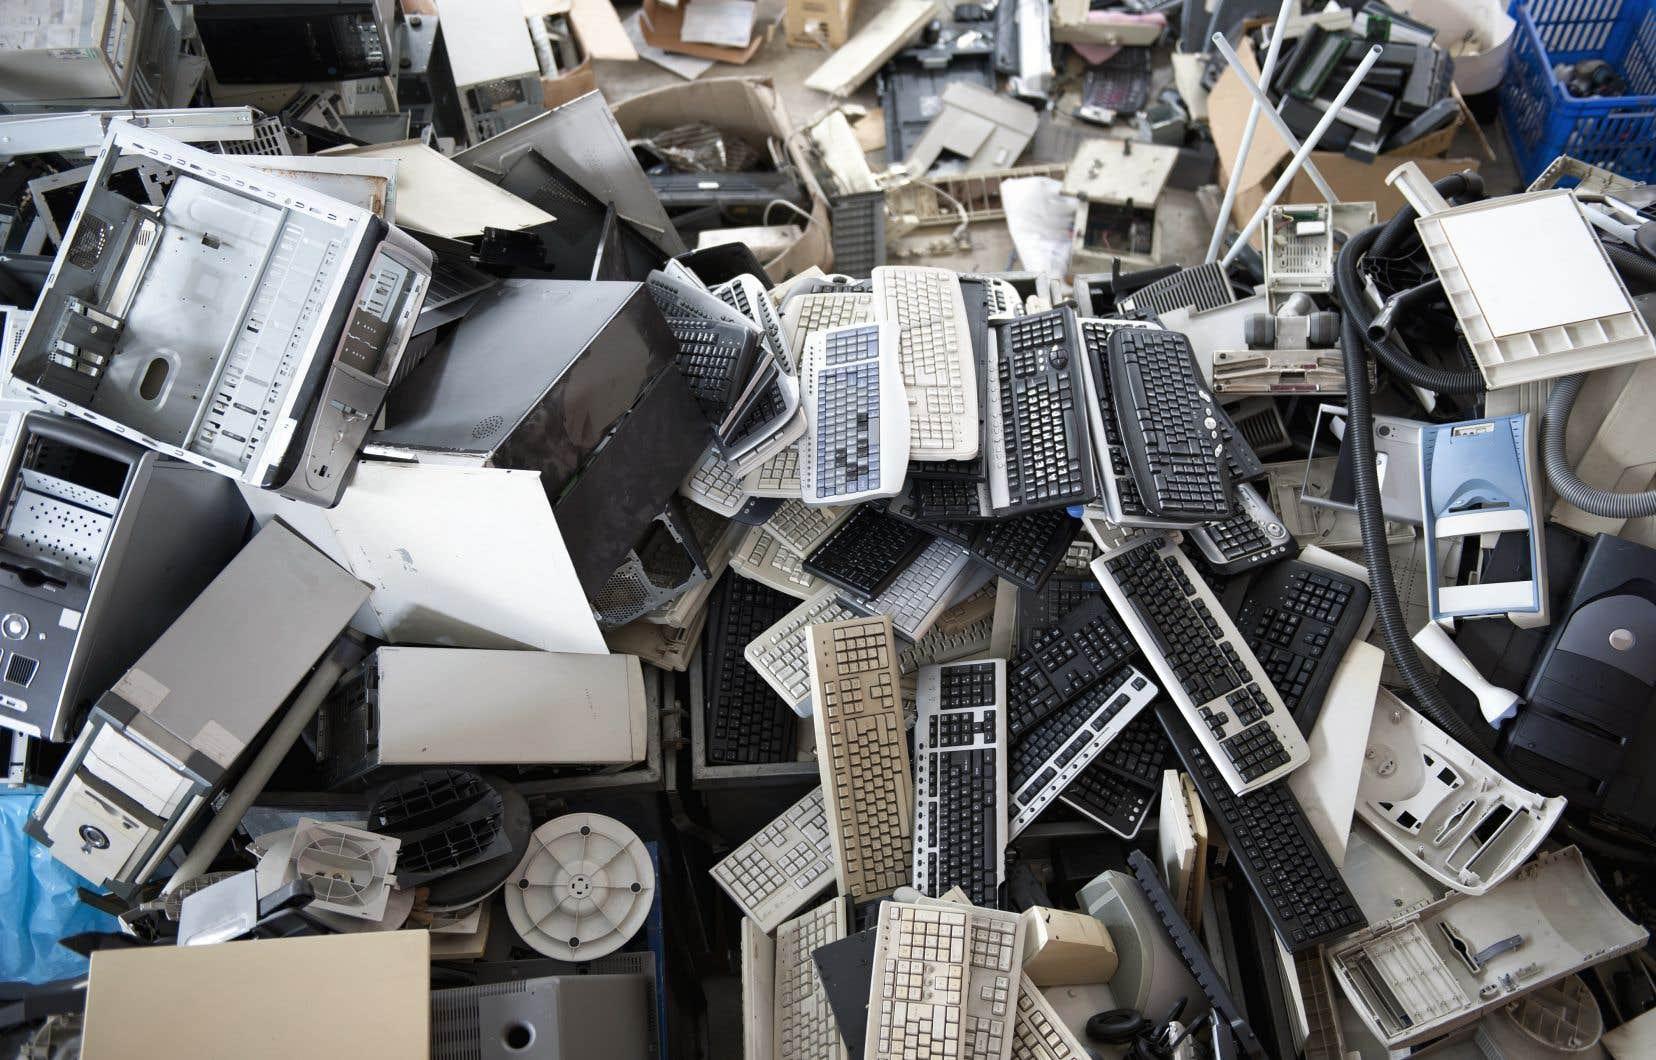 L'obsolescence programmée est une pratique de plus en plus répandue par laquelle des entreprises diminuent la vie utile des produits qu'ils vendent tout en rendant particulièrement difficile l'accès à des outils pour les remettre en état.